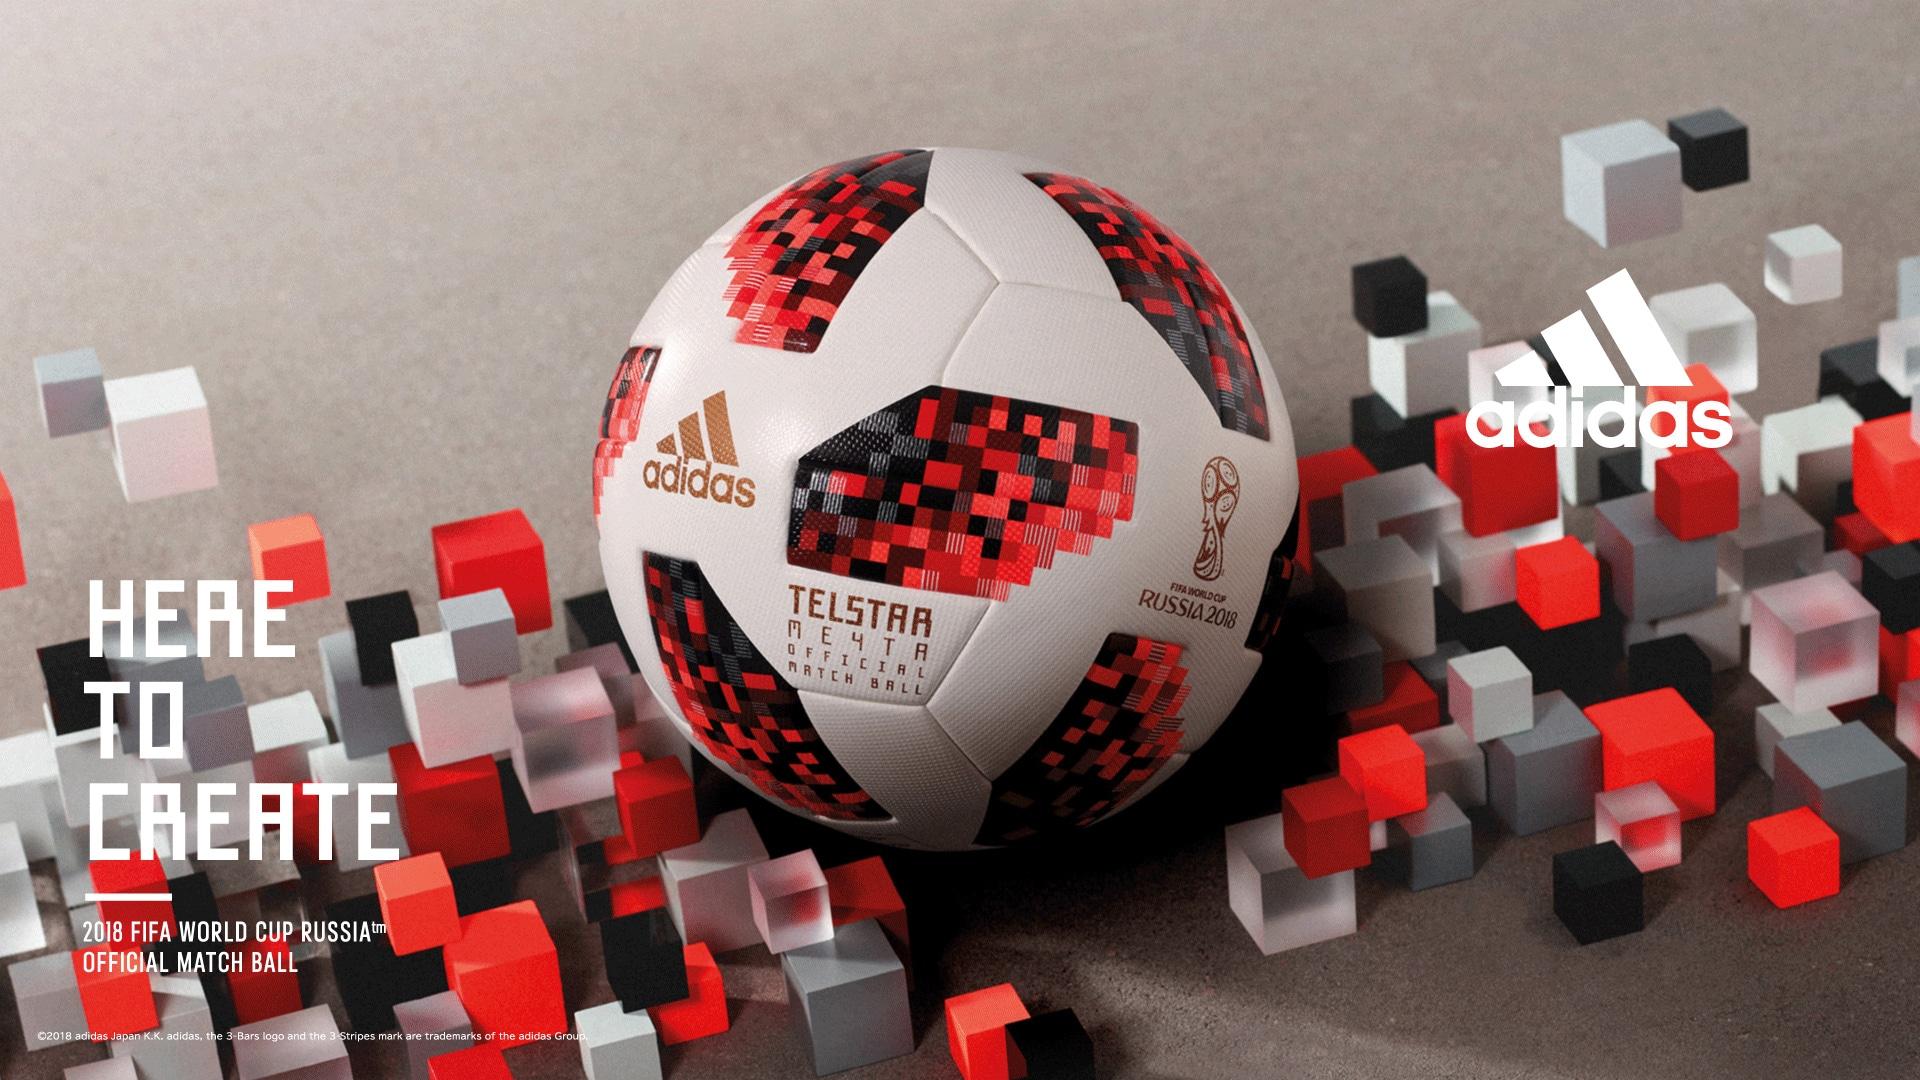 66db239dbed5eb 印象的な白黒のパネルデザインは、テレビのモノクロ放送でもボールが目立つように設計されており、「サッカーボール」のデザインを定義づけるものとなりました。